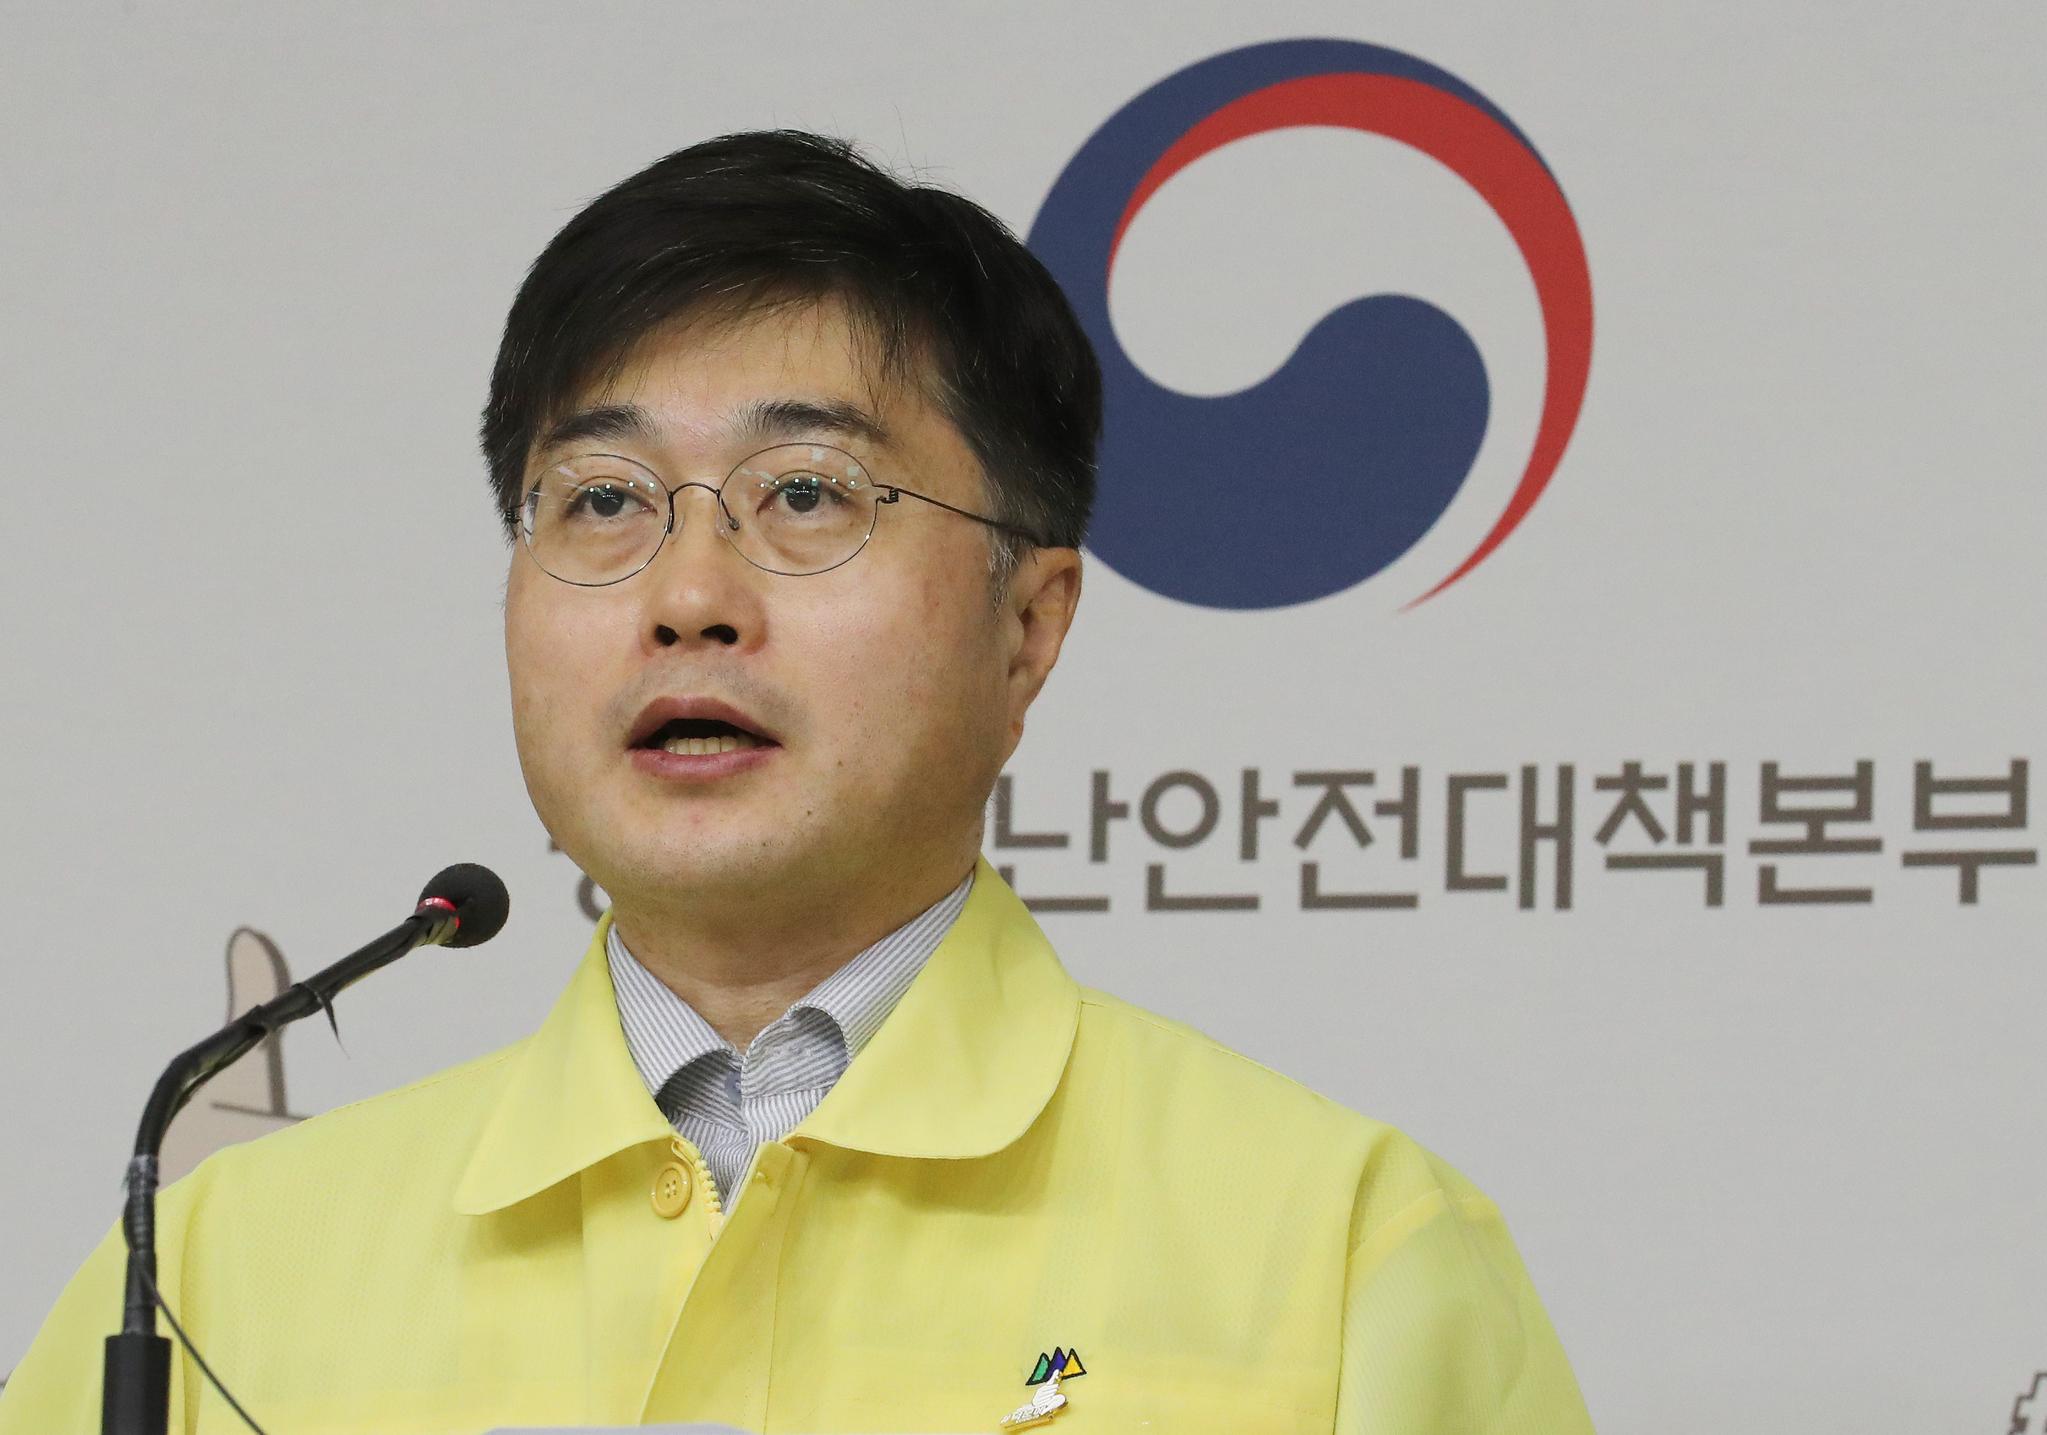 윤태호 중앙재난안전대책본부 방역총괄반장. 연합뉴스